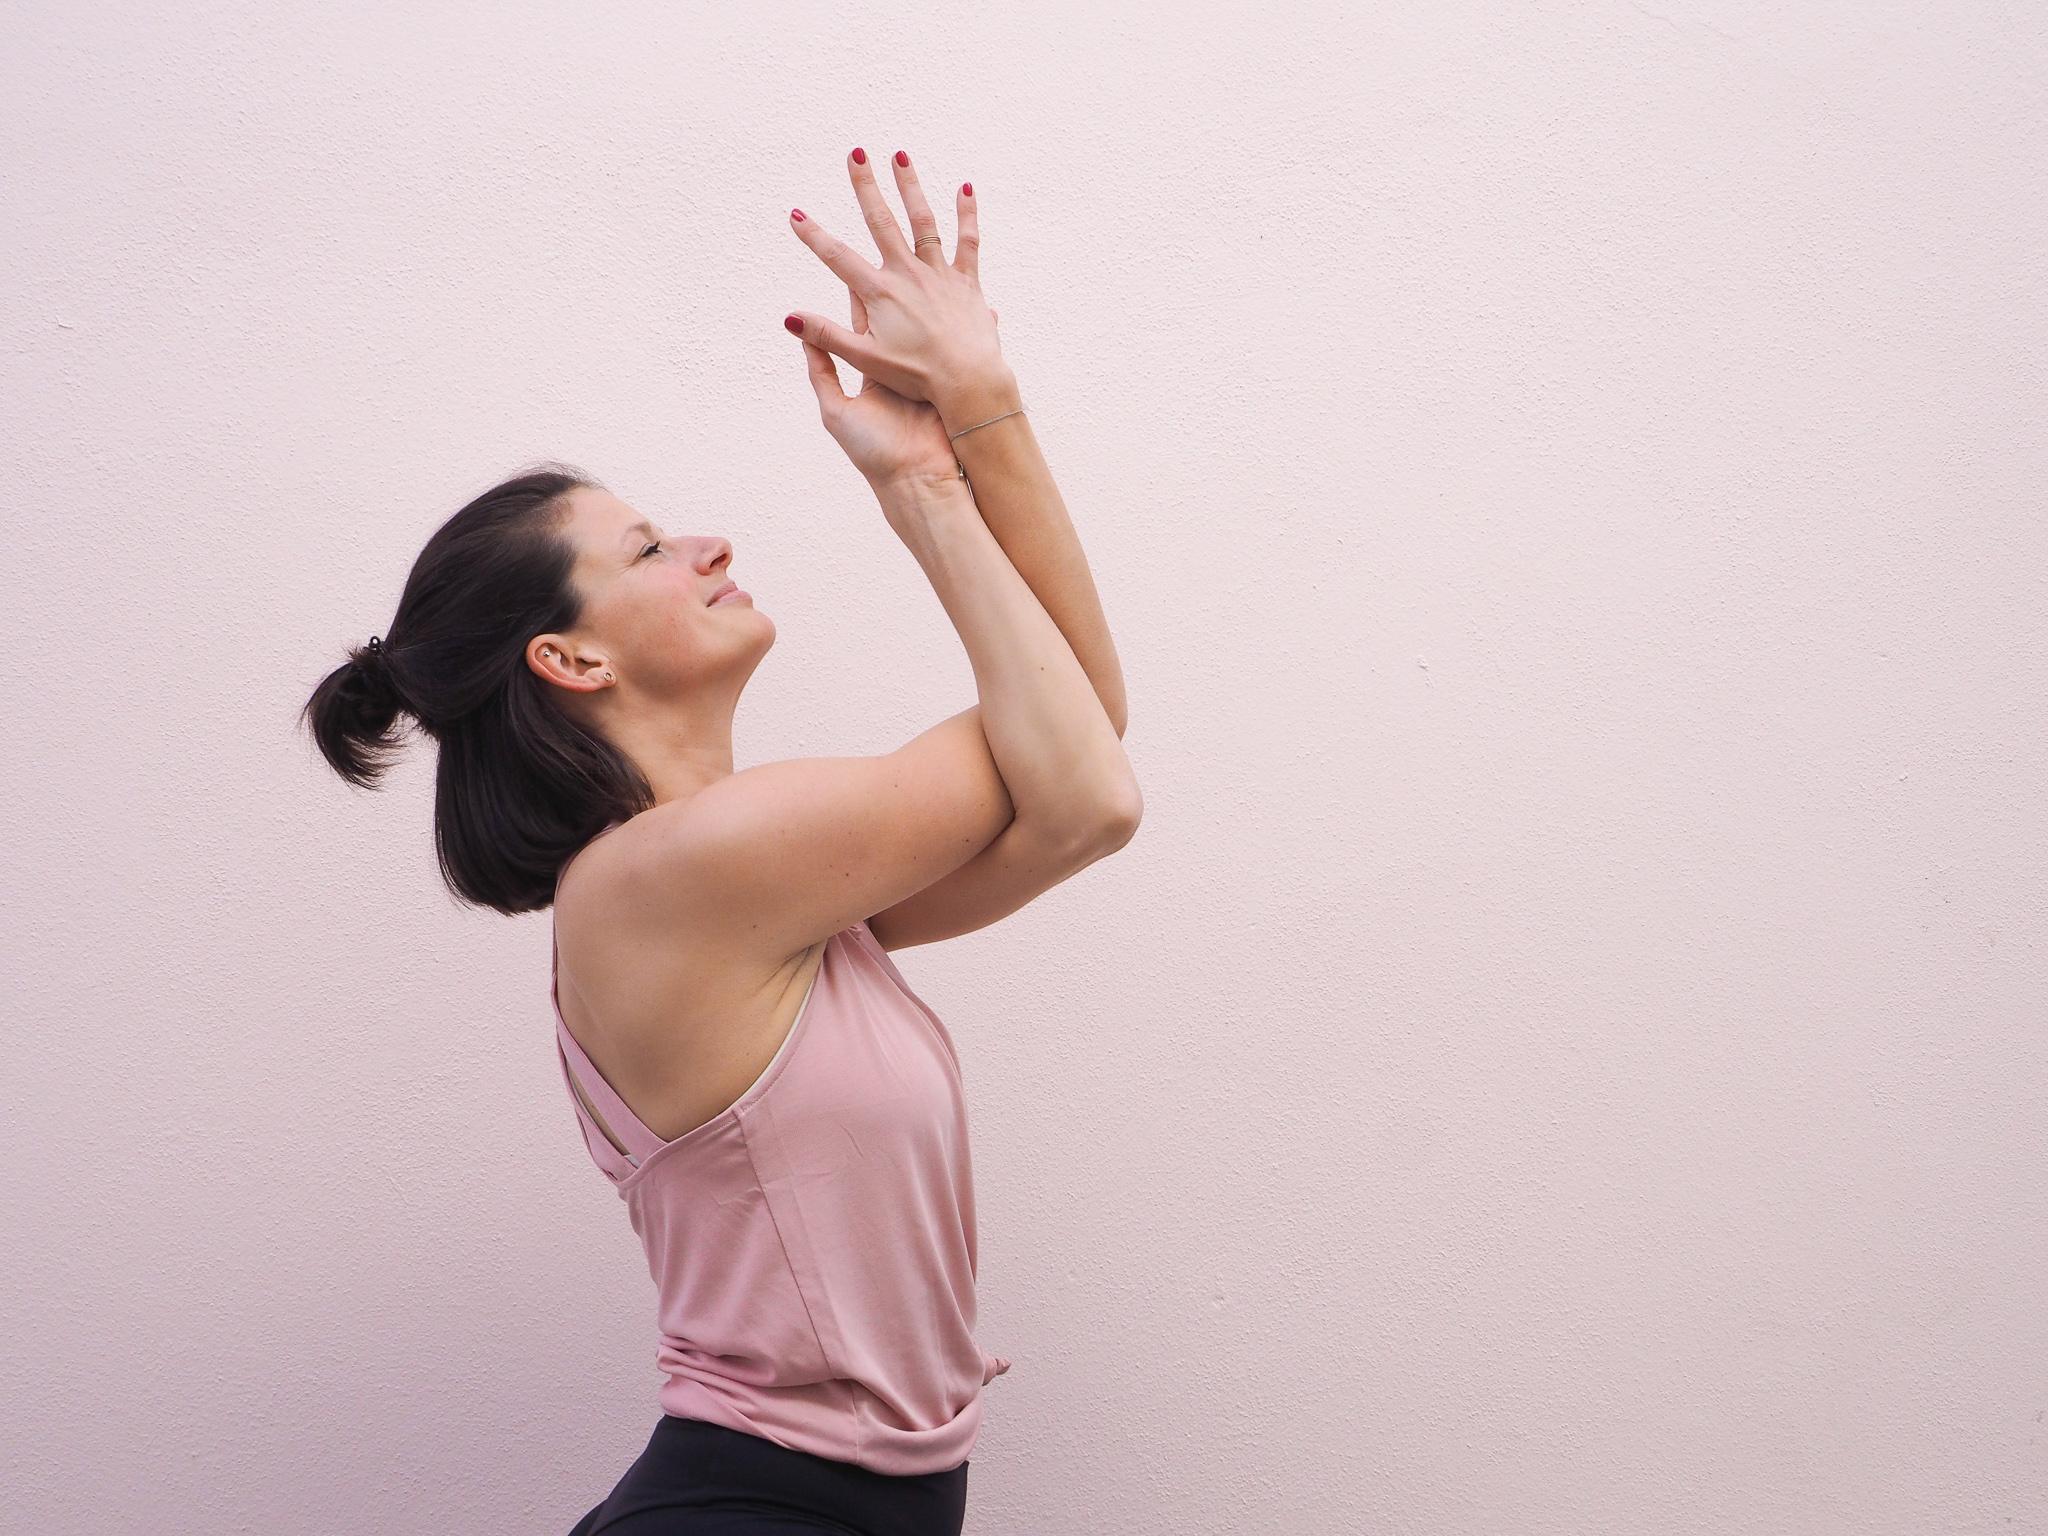 Der Gemachliche Panther Feierabend Yoga 09 Marz 75 Minuten Ganzkorper Flow Isabellepanther Elopage